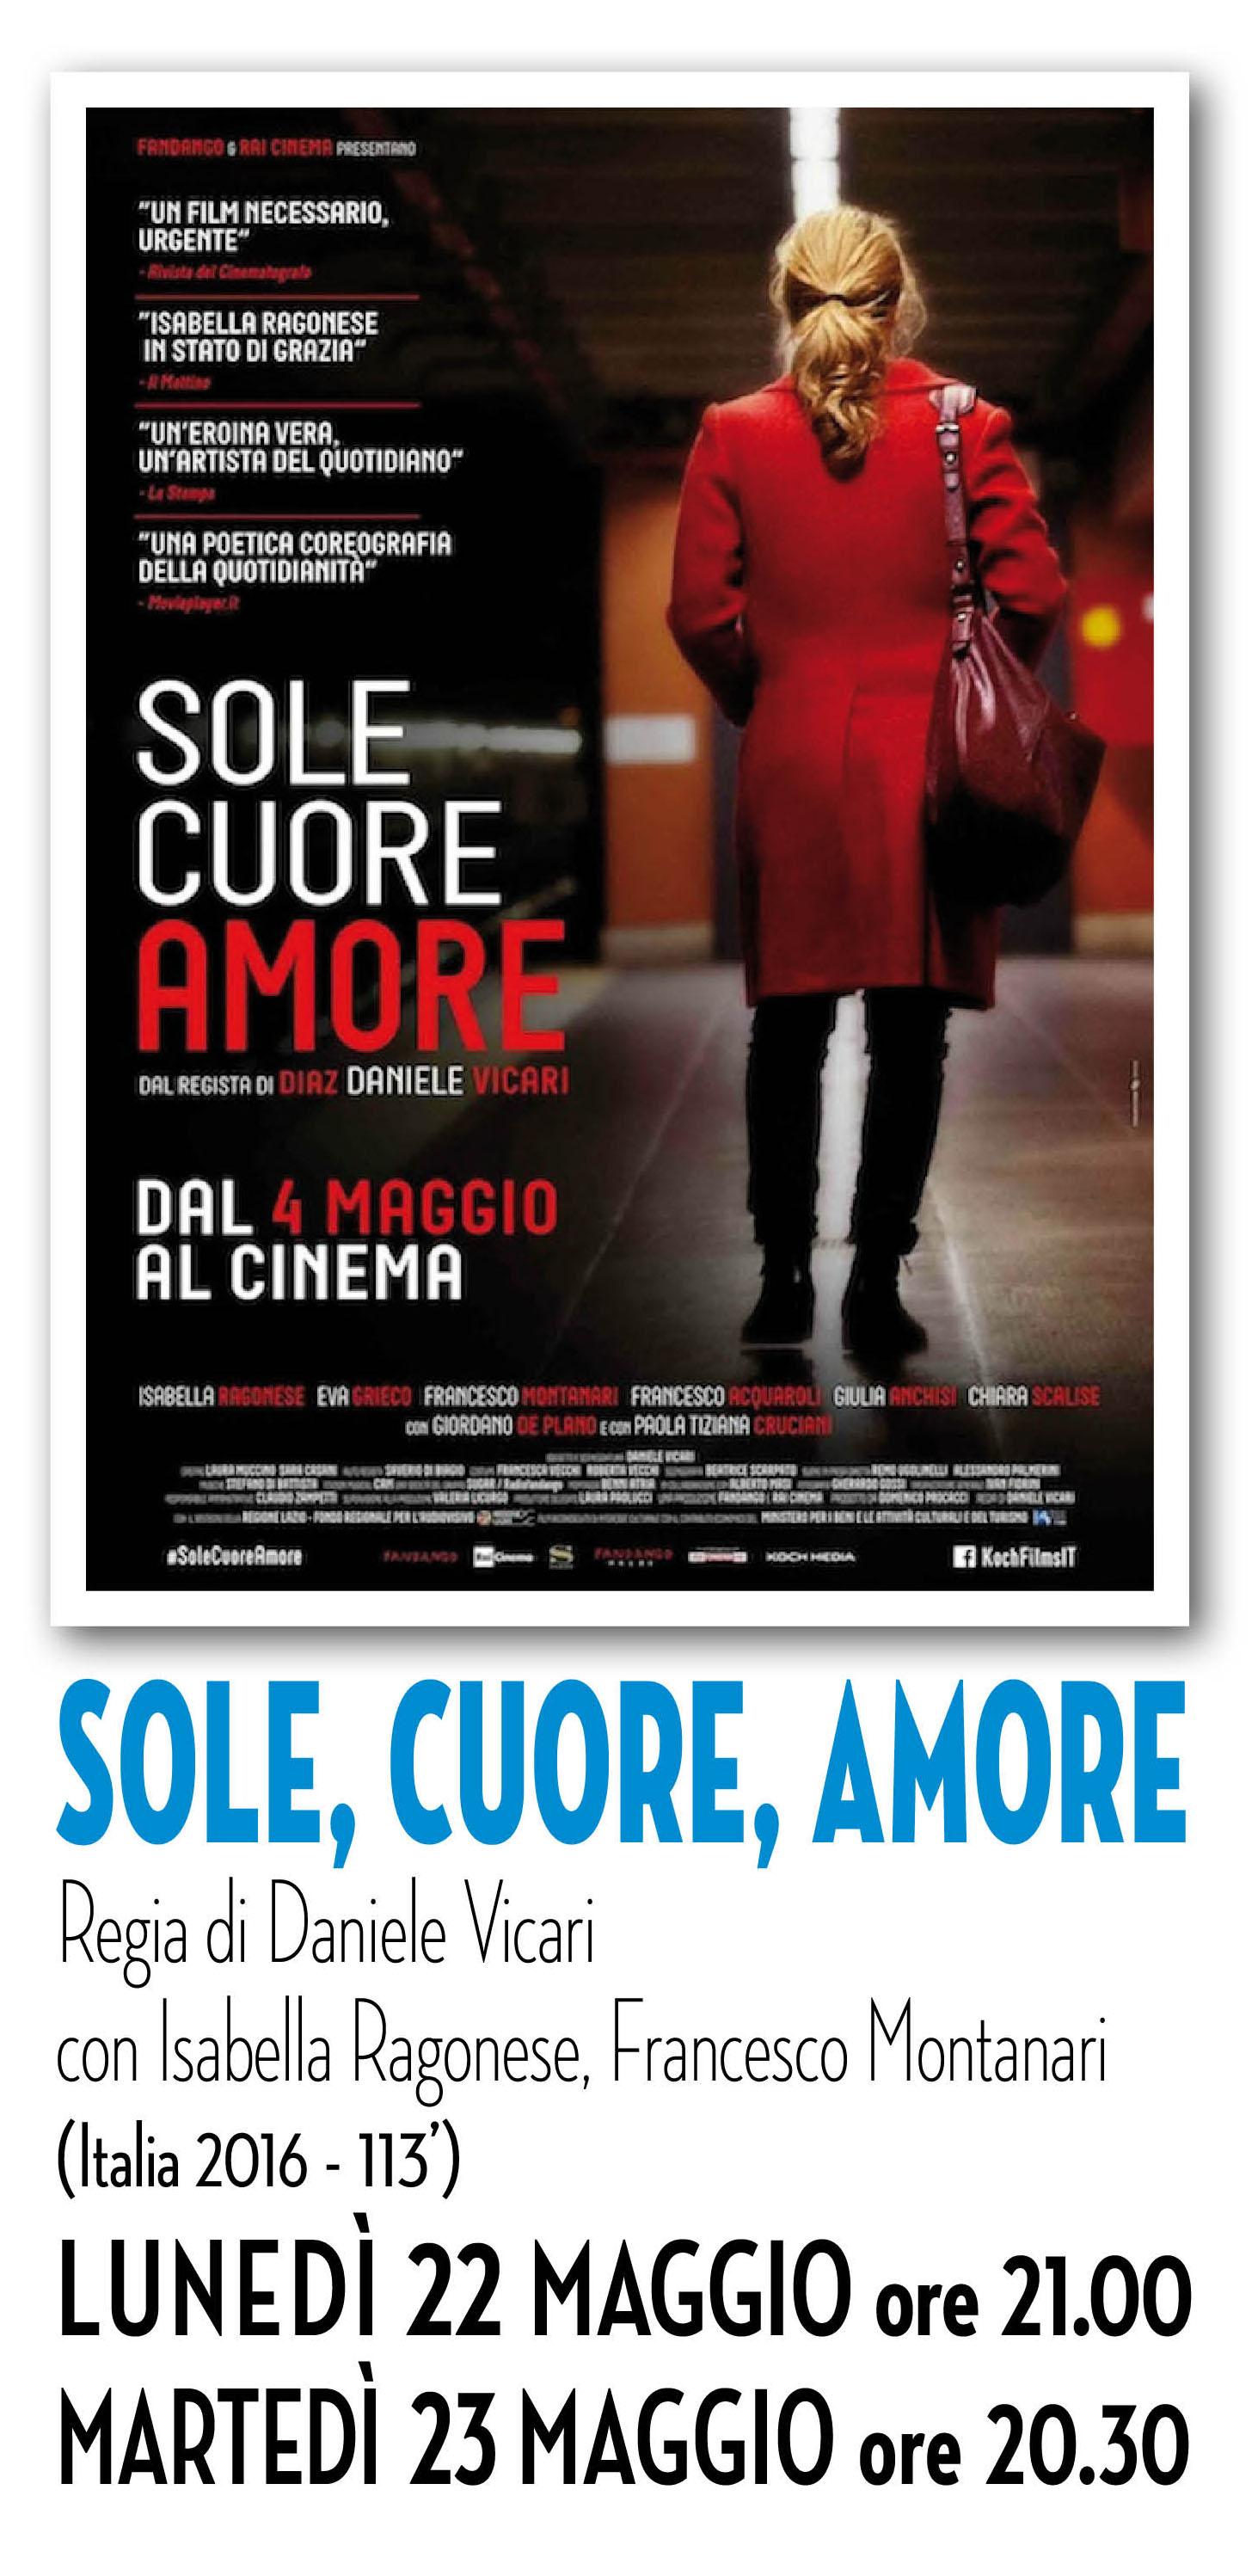 Riccione cinema d'autore: SOLE CUORE AMORE